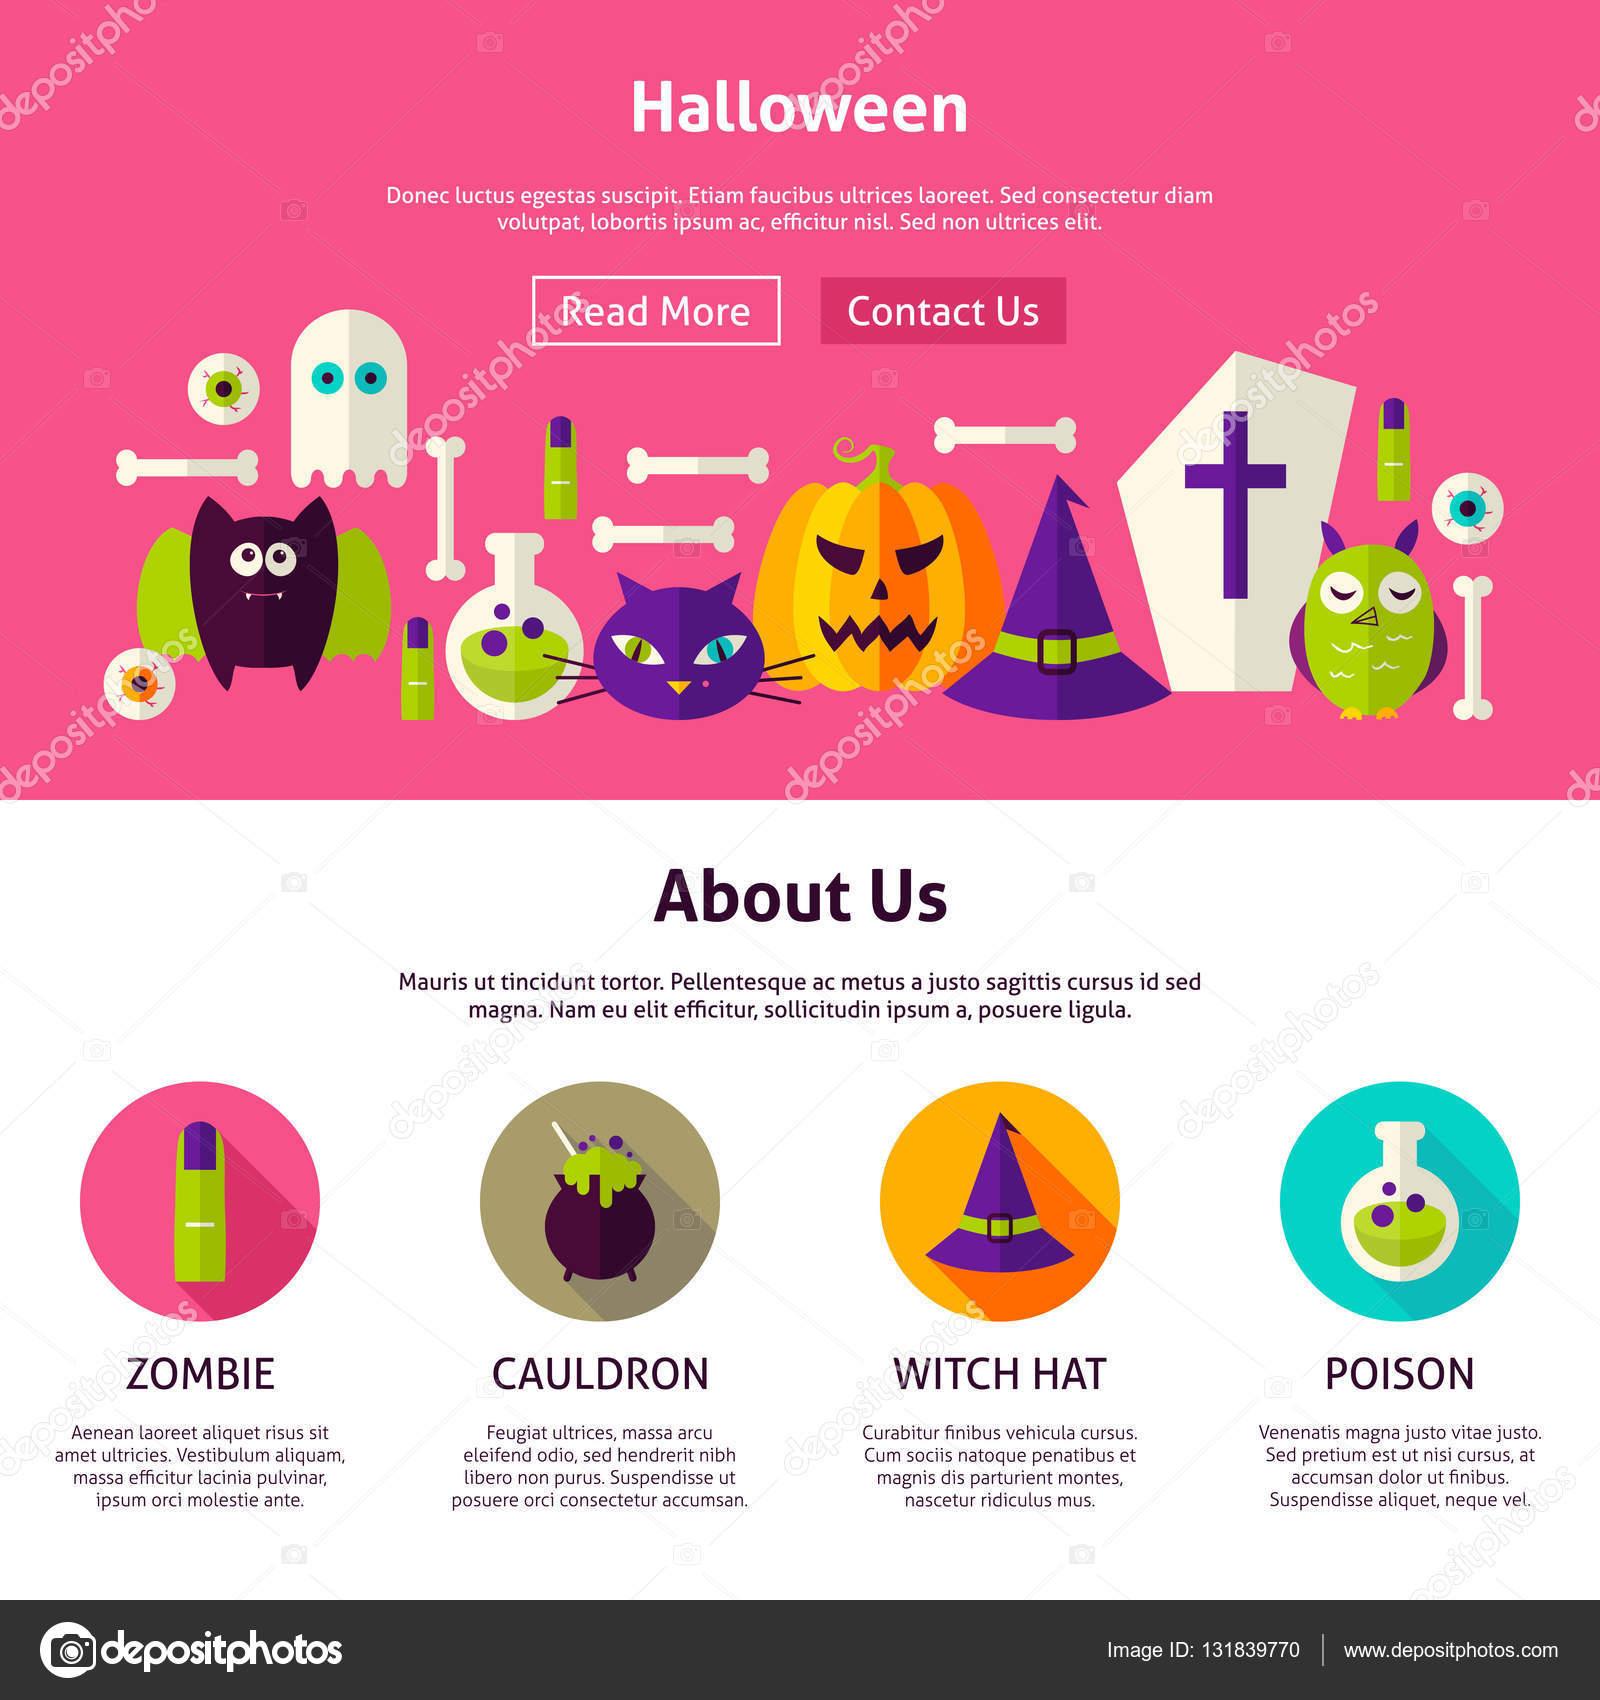 Halloween freebies seattle